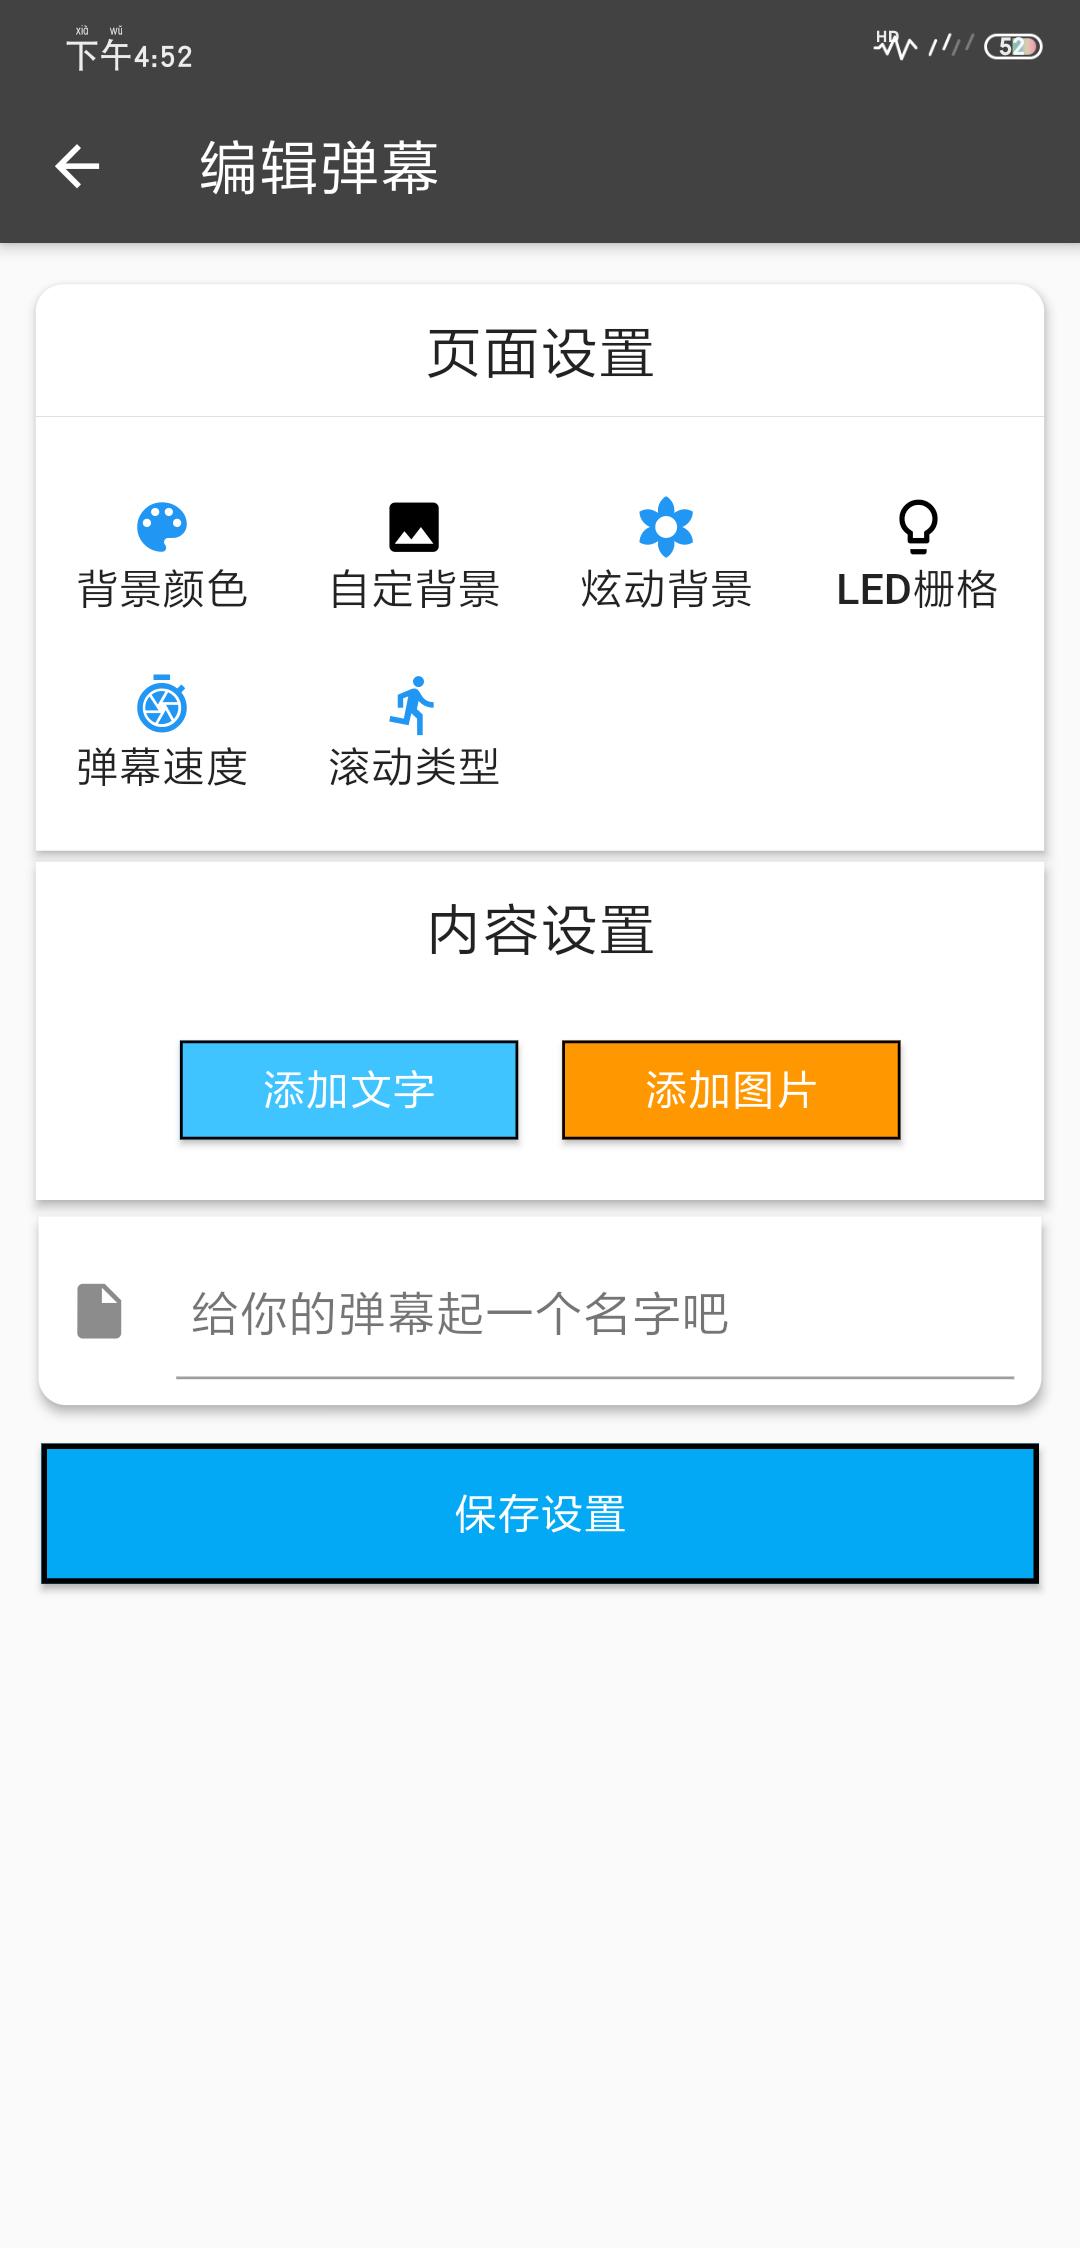 【分享】弹幕有图 - 图文混合的手持LED弹幕GIF制作器-爱小助